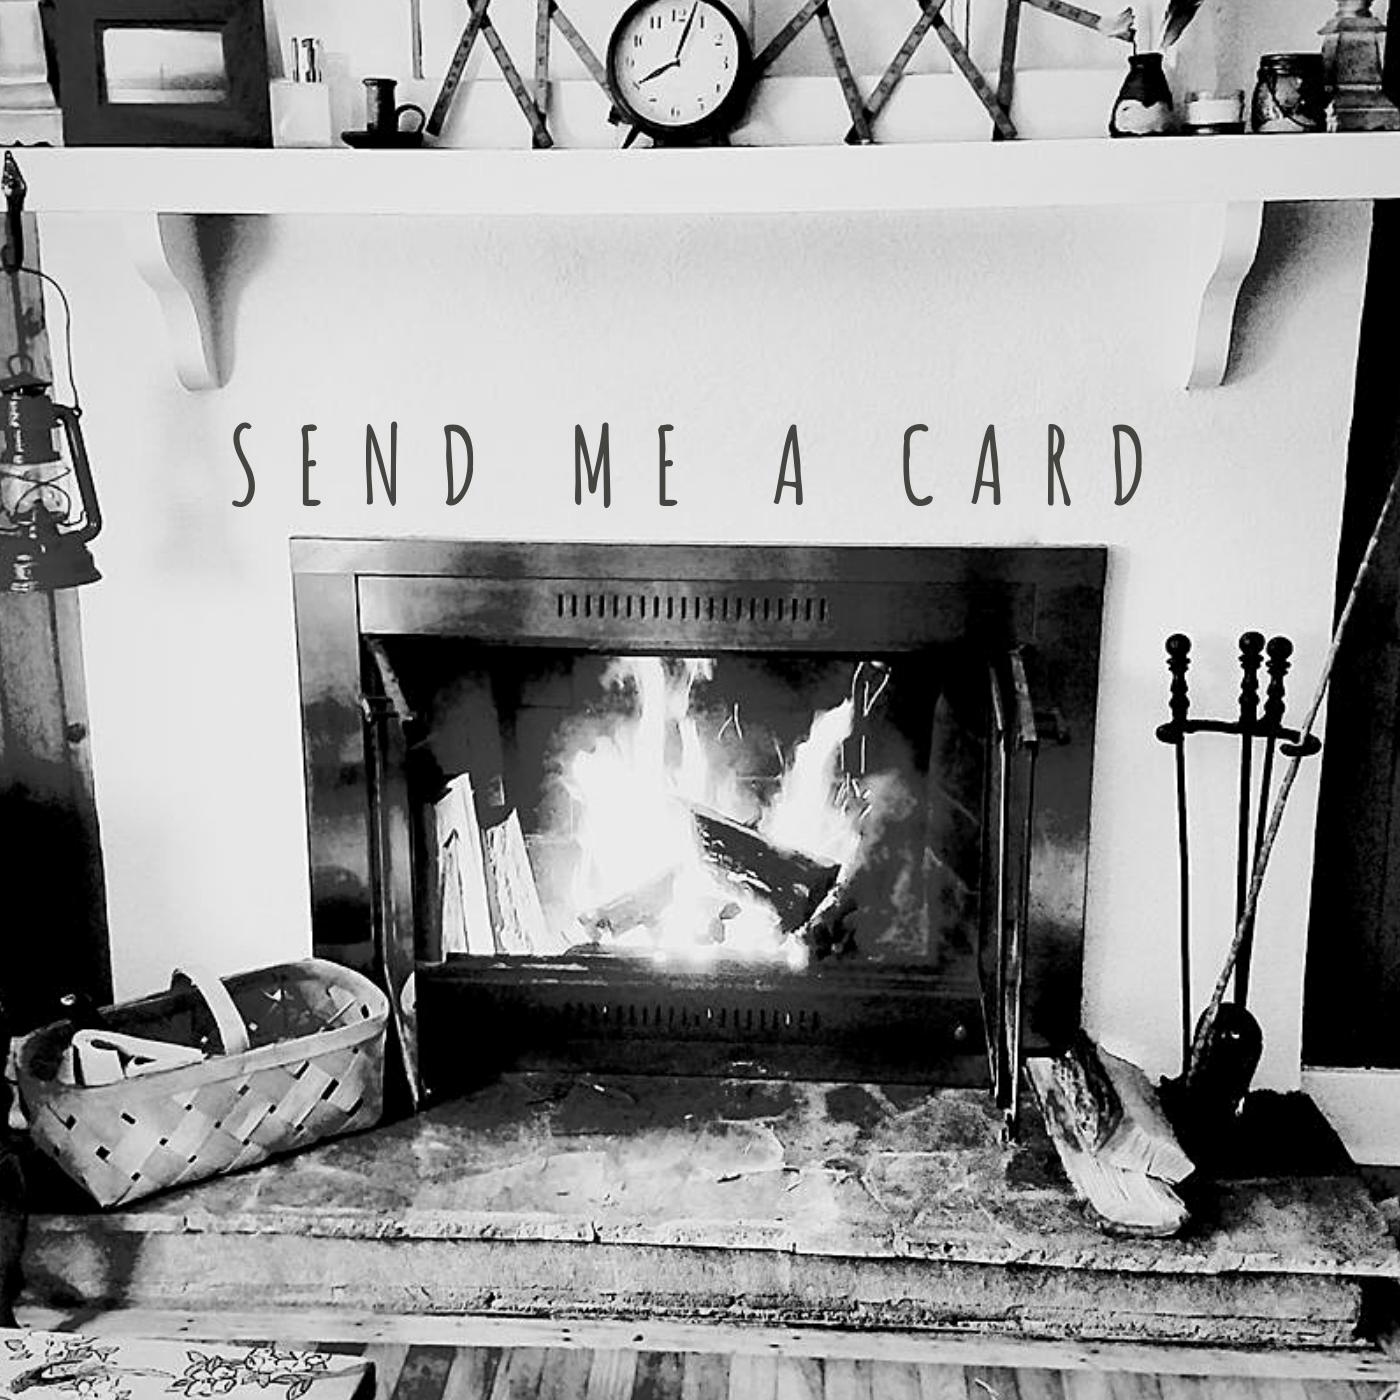 Send Me a Card